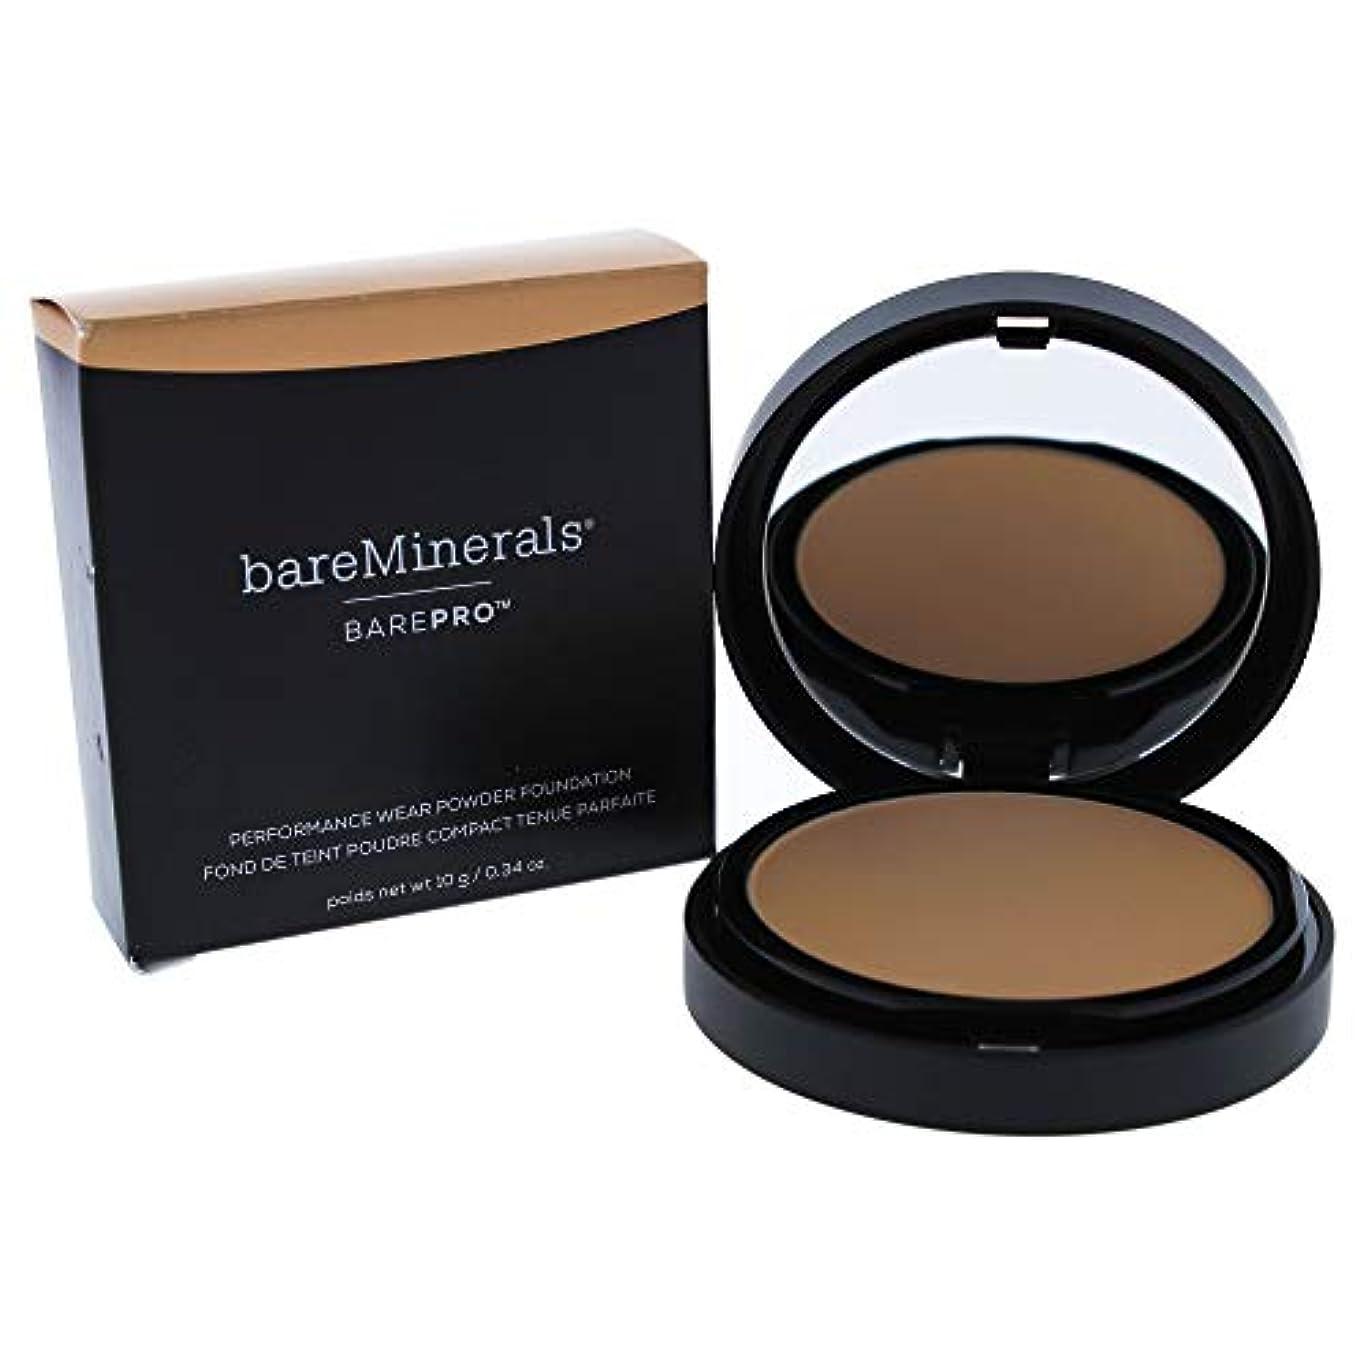 受けるブルーム習慣ベアミネラル BarePro Performance Wear Powder Foundation - # 14 Silk 10g/0.34oz並行輸入品